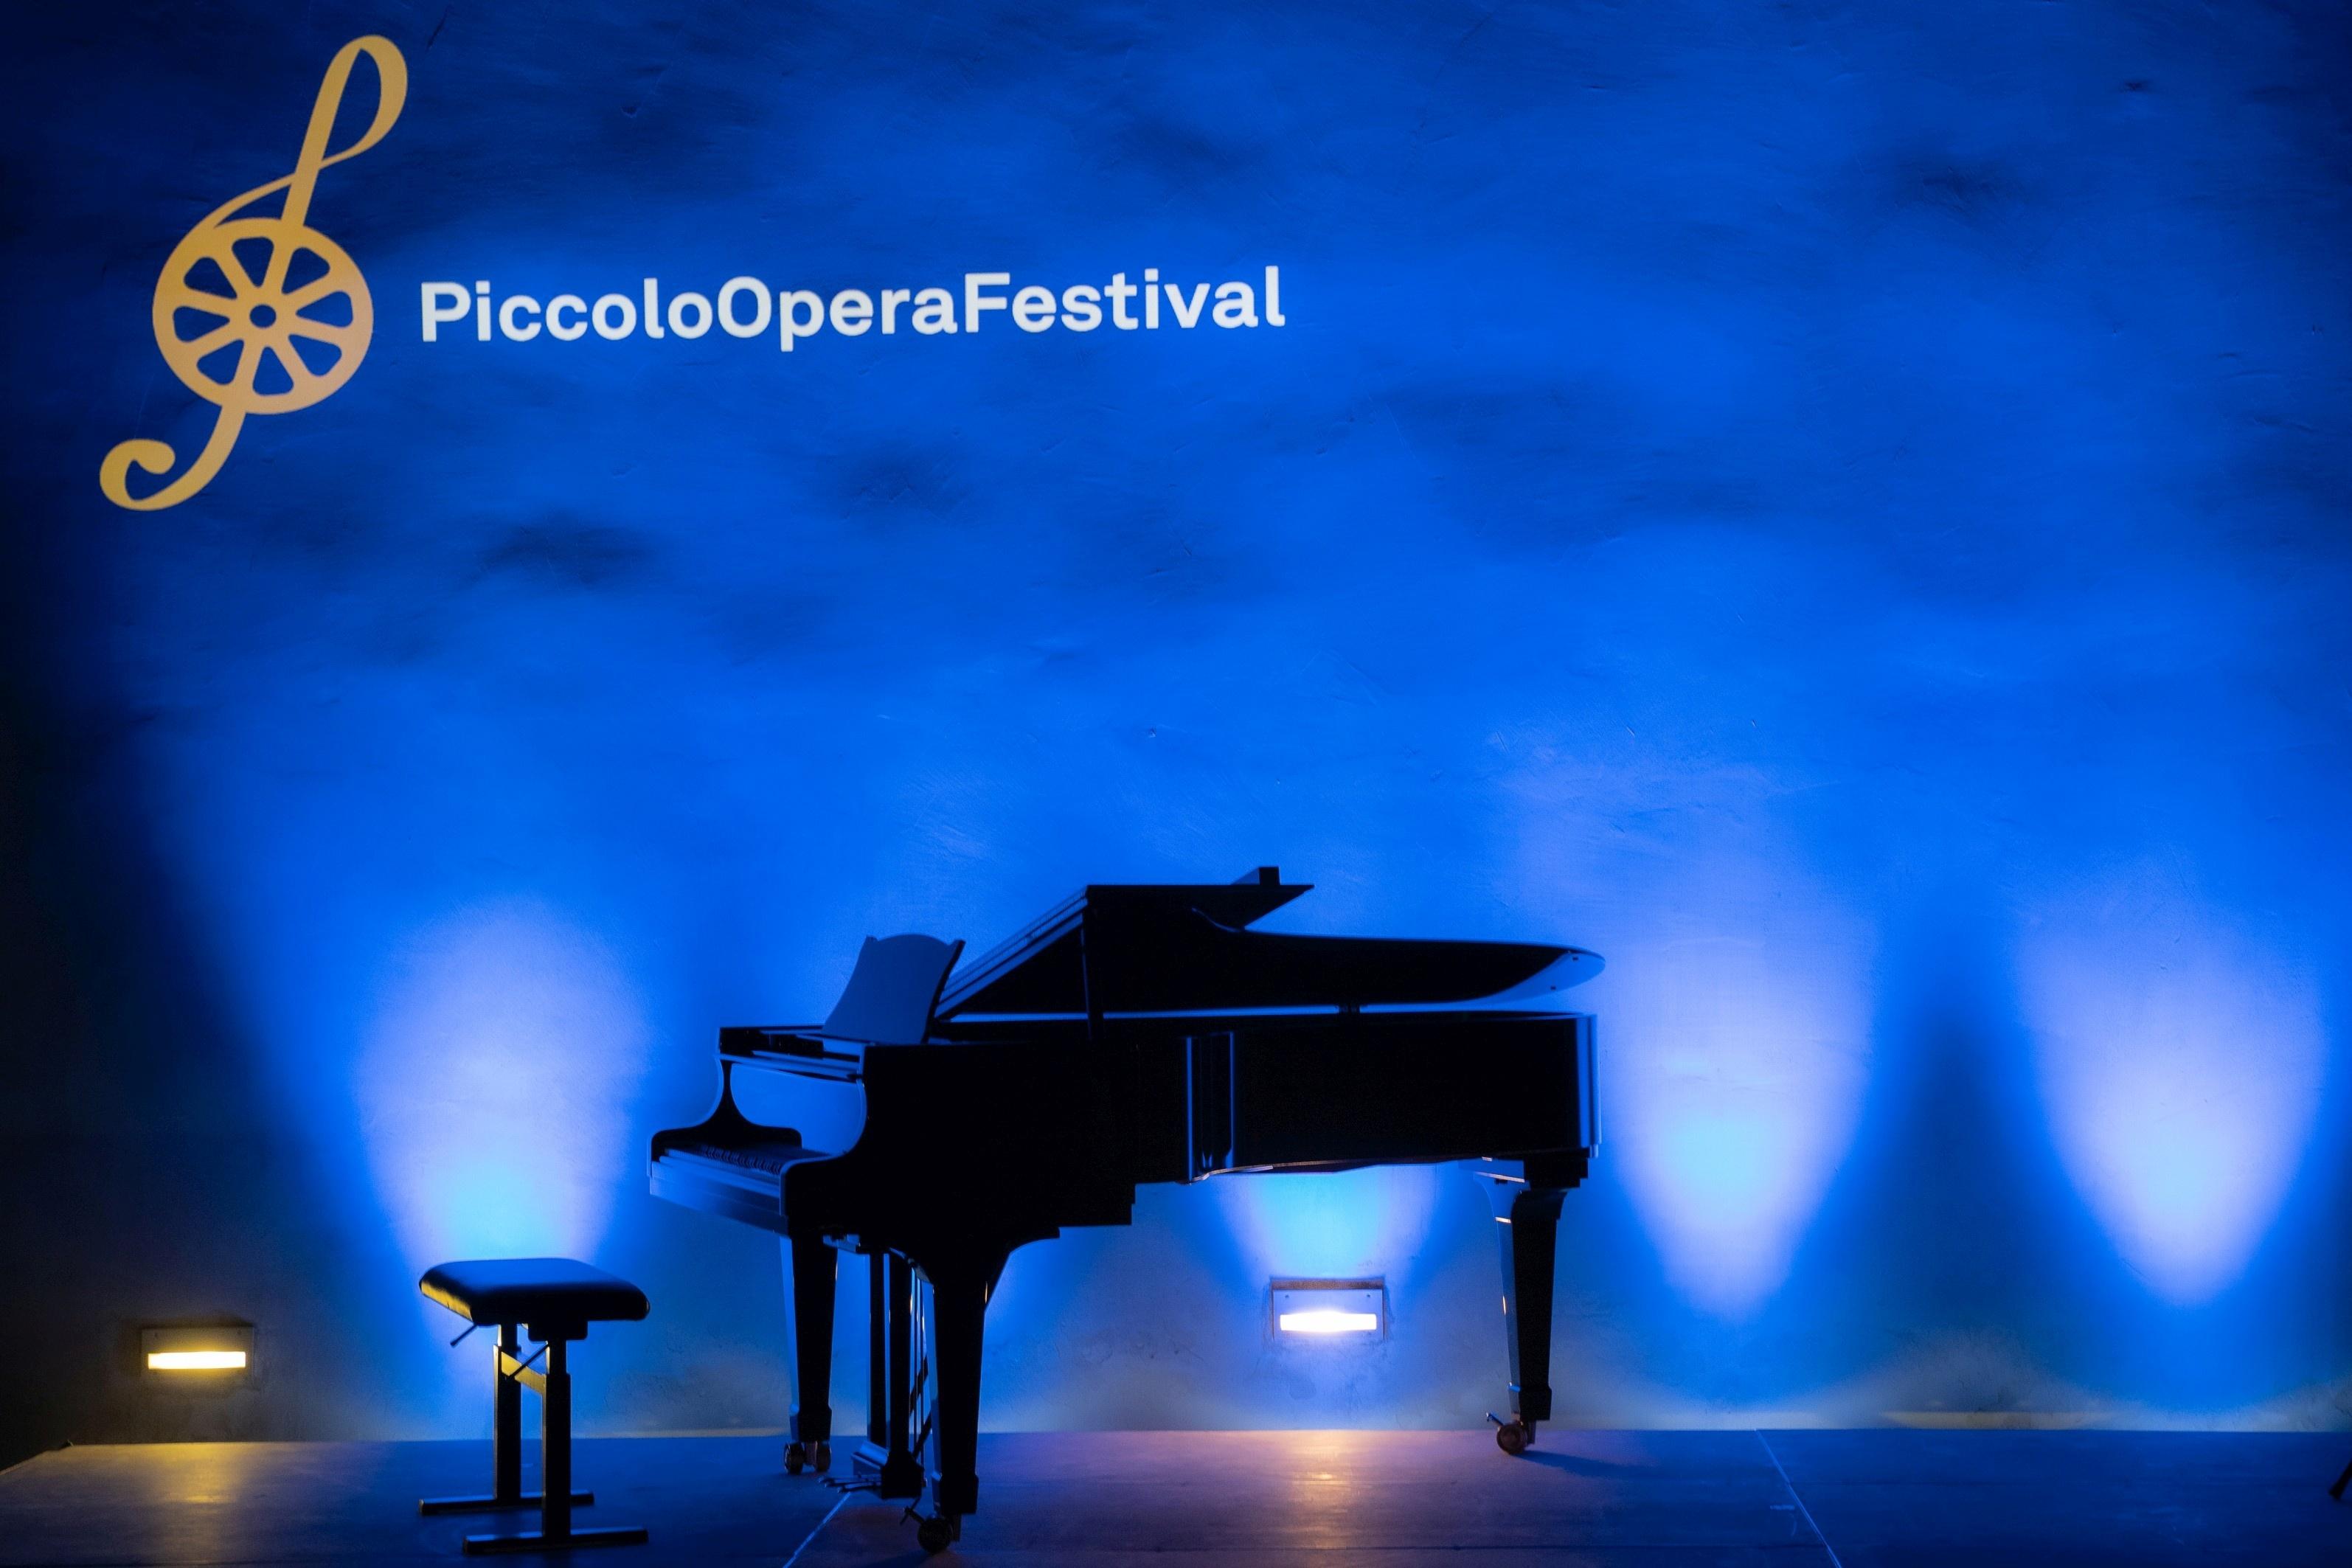 1 Piccolo Opera Festival